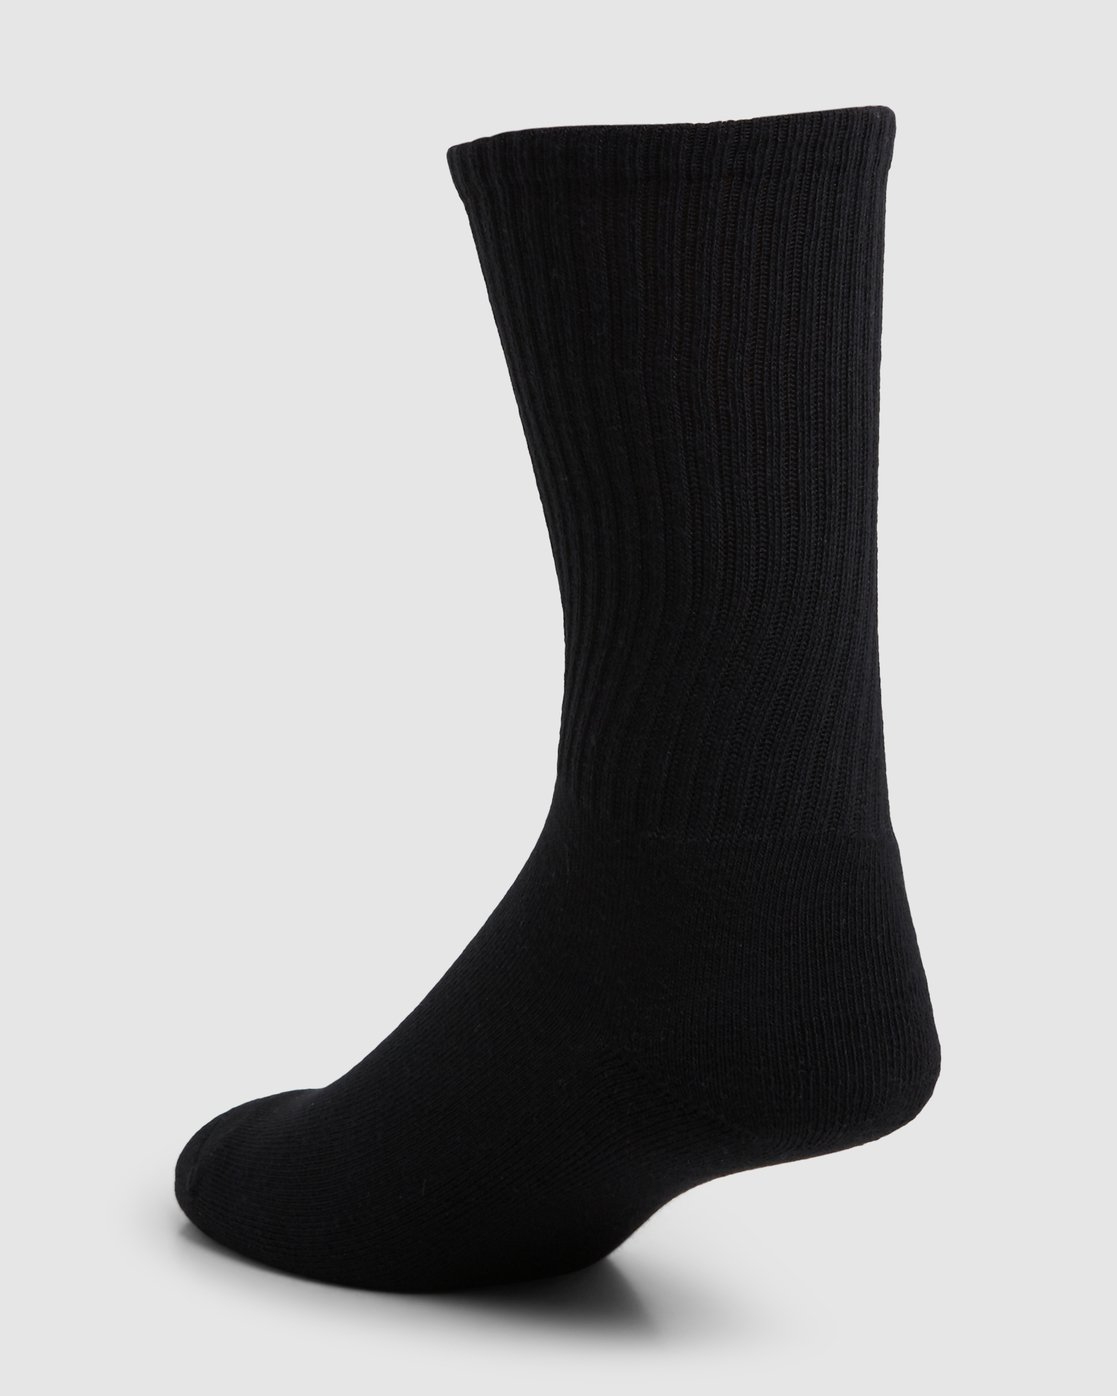 6 RVCA Multi Sock - 4 Pack  R107601 RVCA